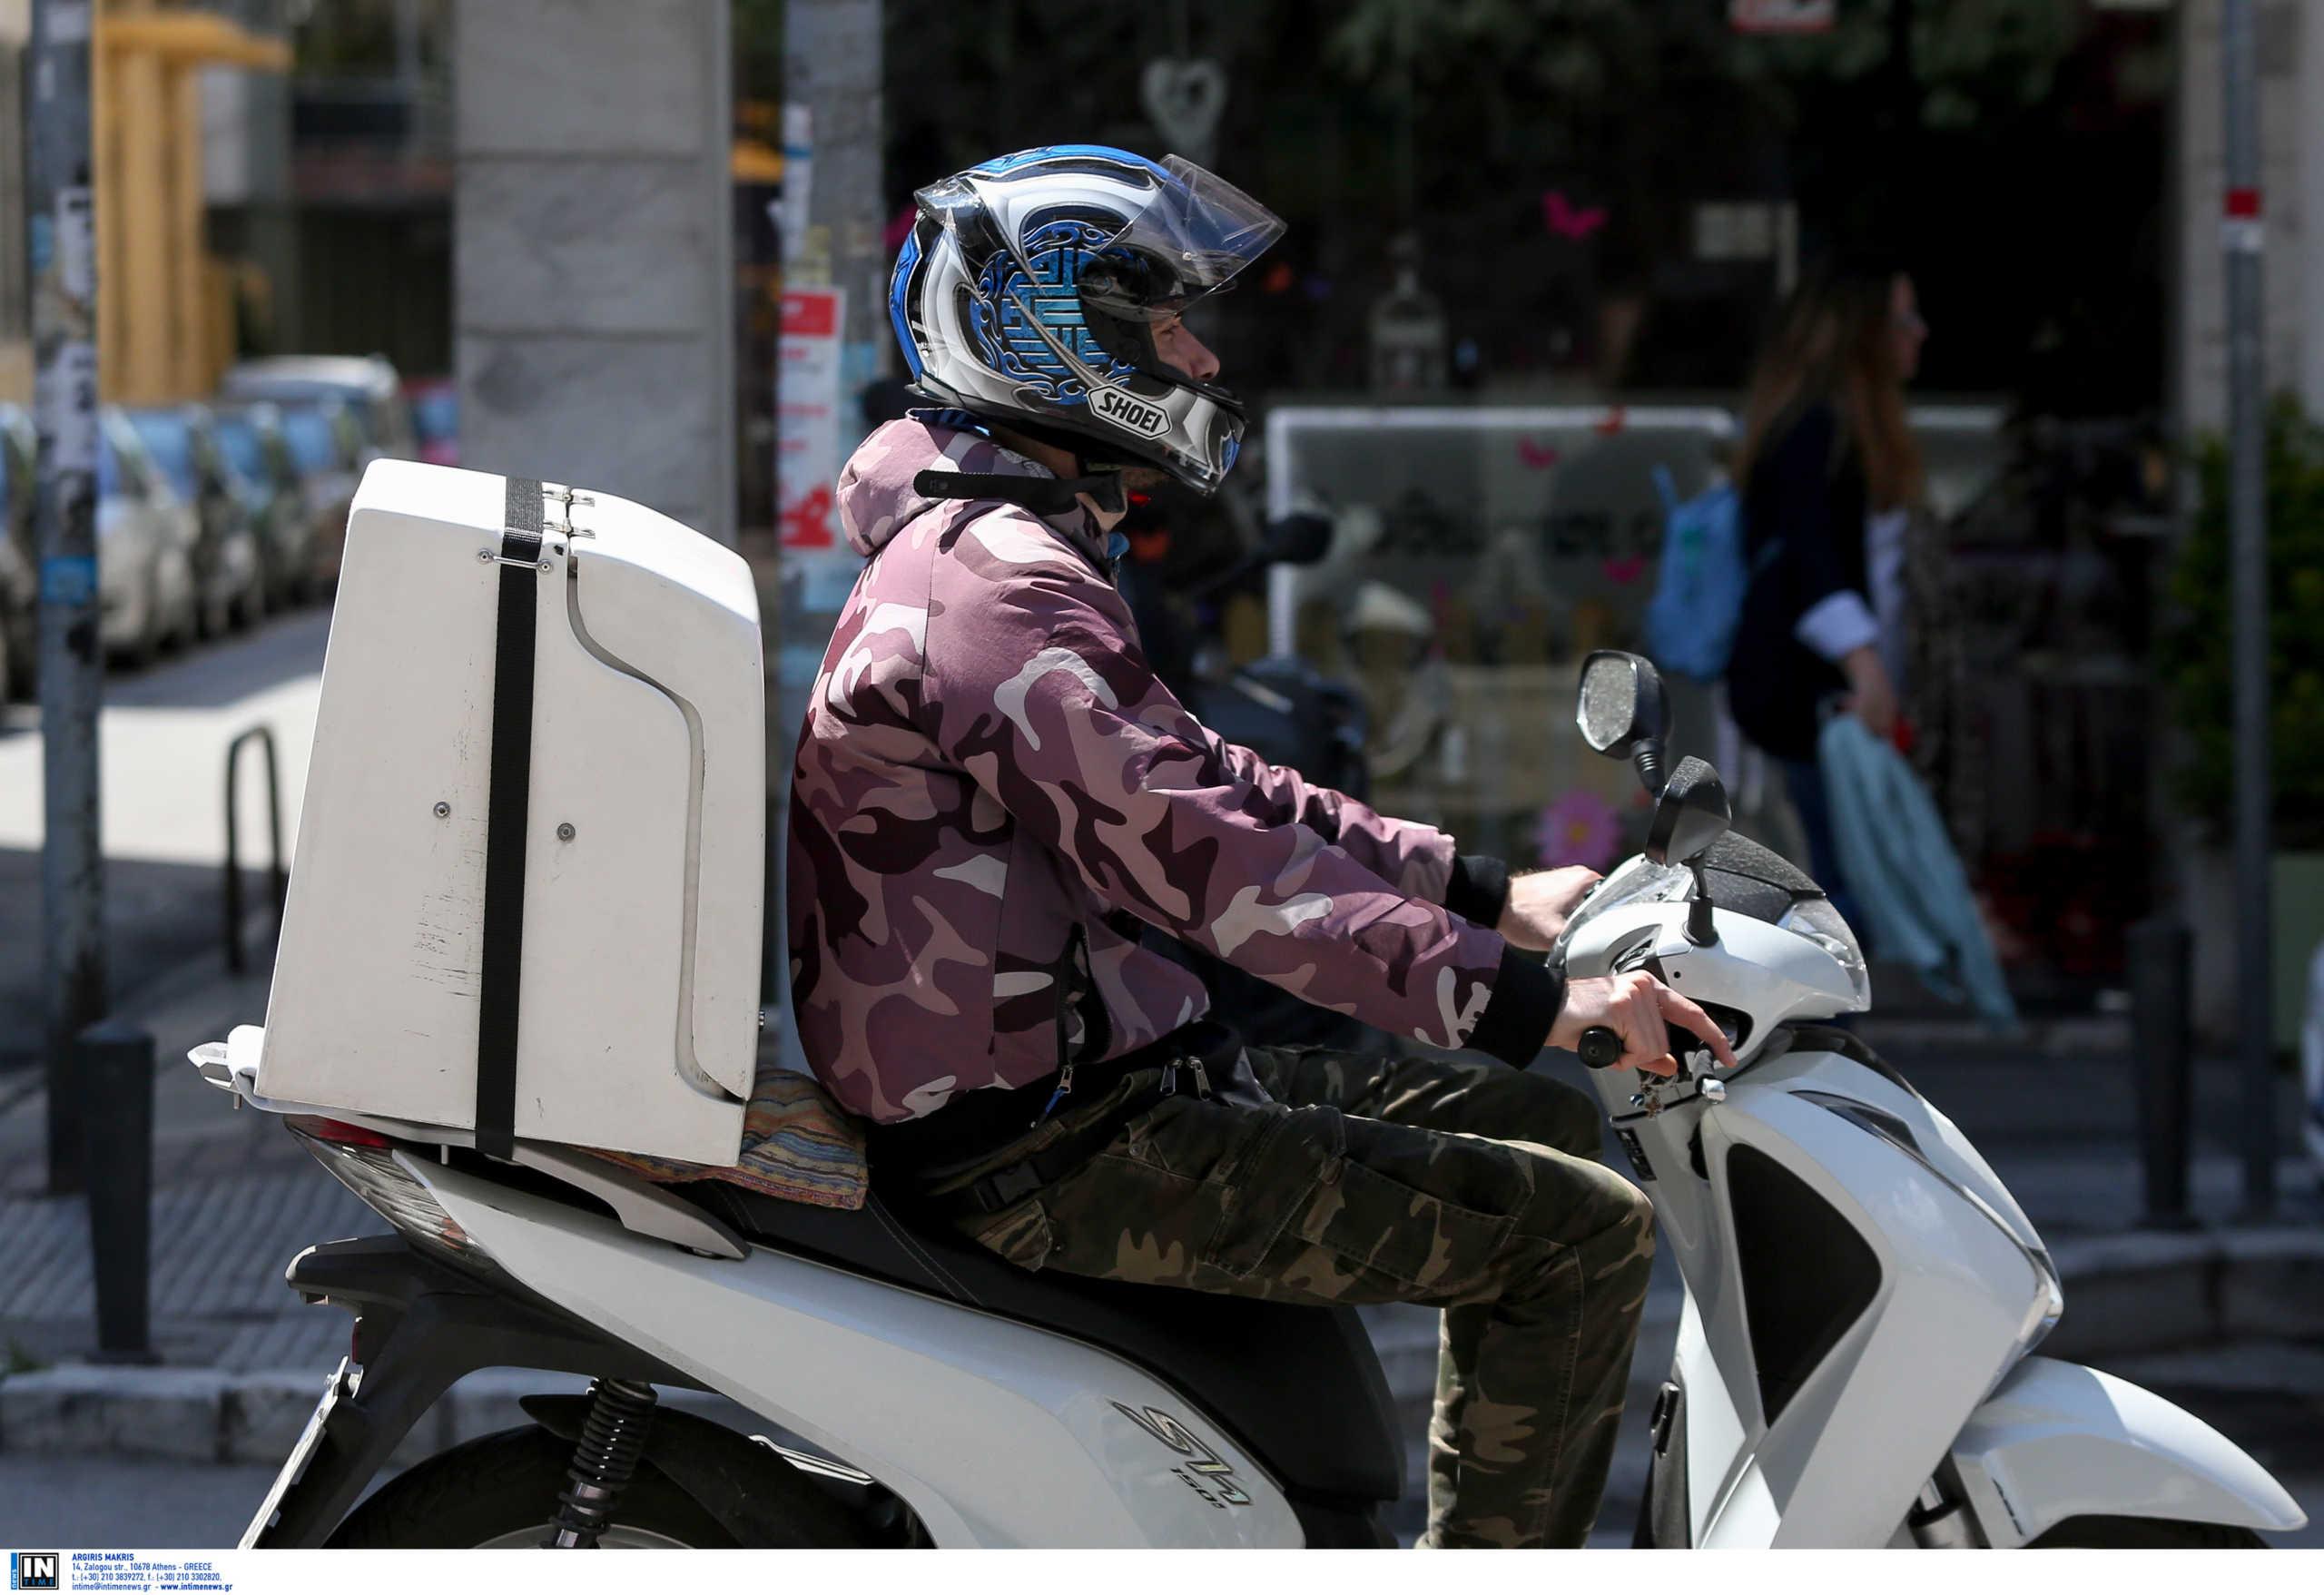 """Θεσσαλονίκη: Μοτοπορεία ντελιβεράδων στο κέντρο της πόλης! """"Το ασφαλιστικό μας καταδικάζει"""" (Βίντεο)"""